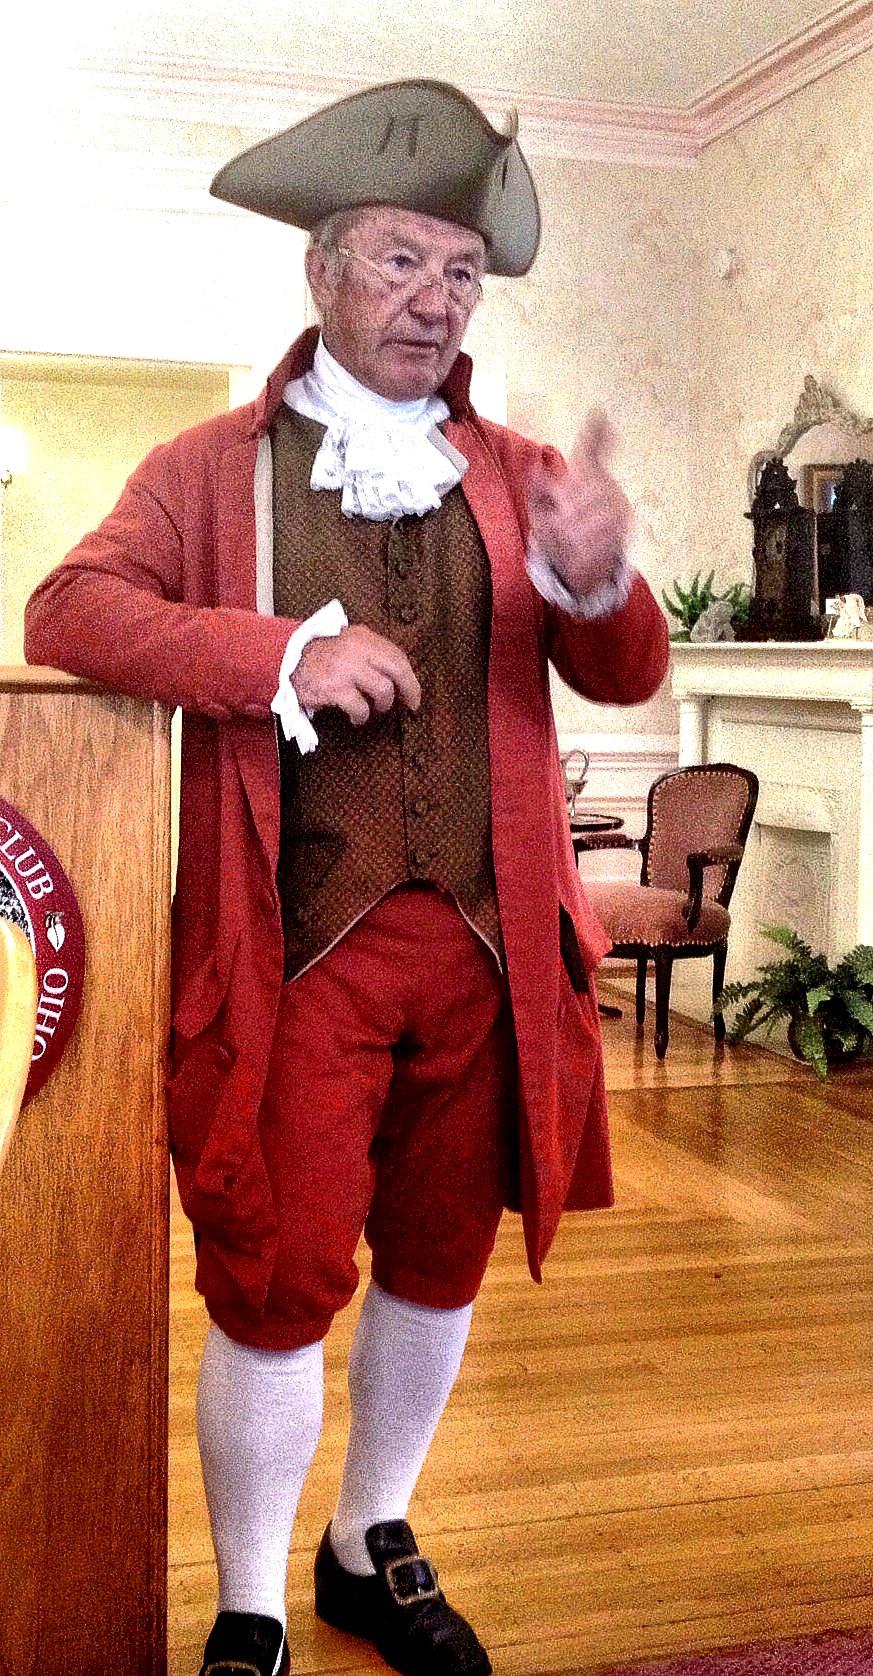 Bill Smith, Historical Re-Enactor